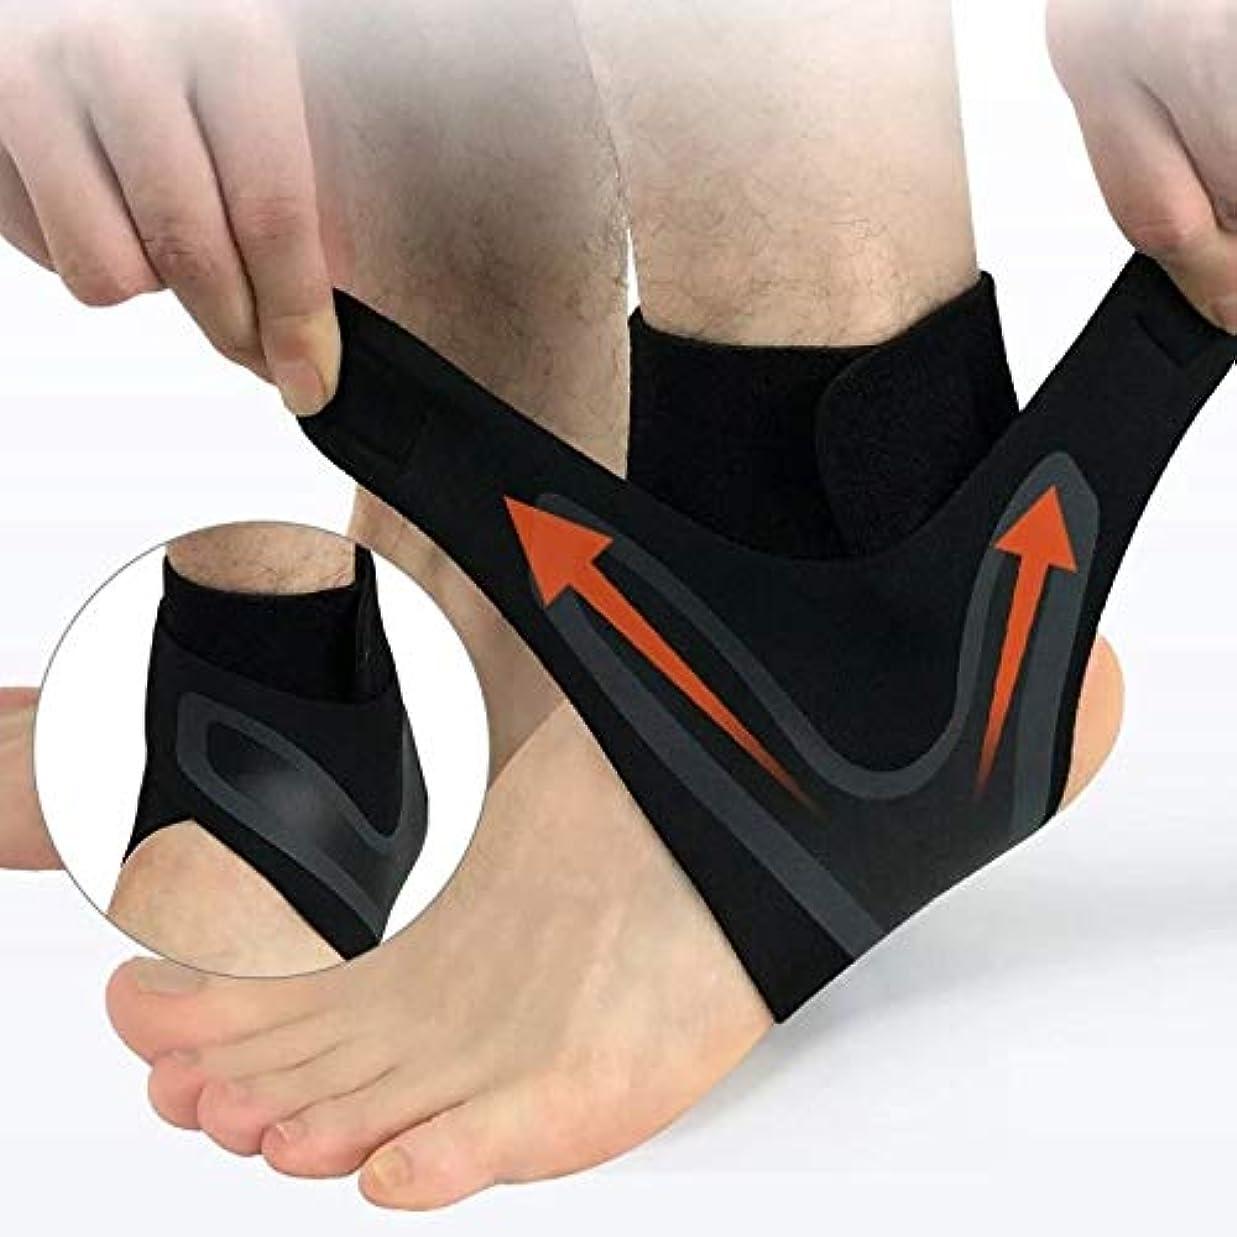 収益経験的安息LB xl Ankle Support Socks Men Women Lightweight Breathable Compression Anti Sprain Sleeve Heel Cover Protective Wrap Left/Right Feet